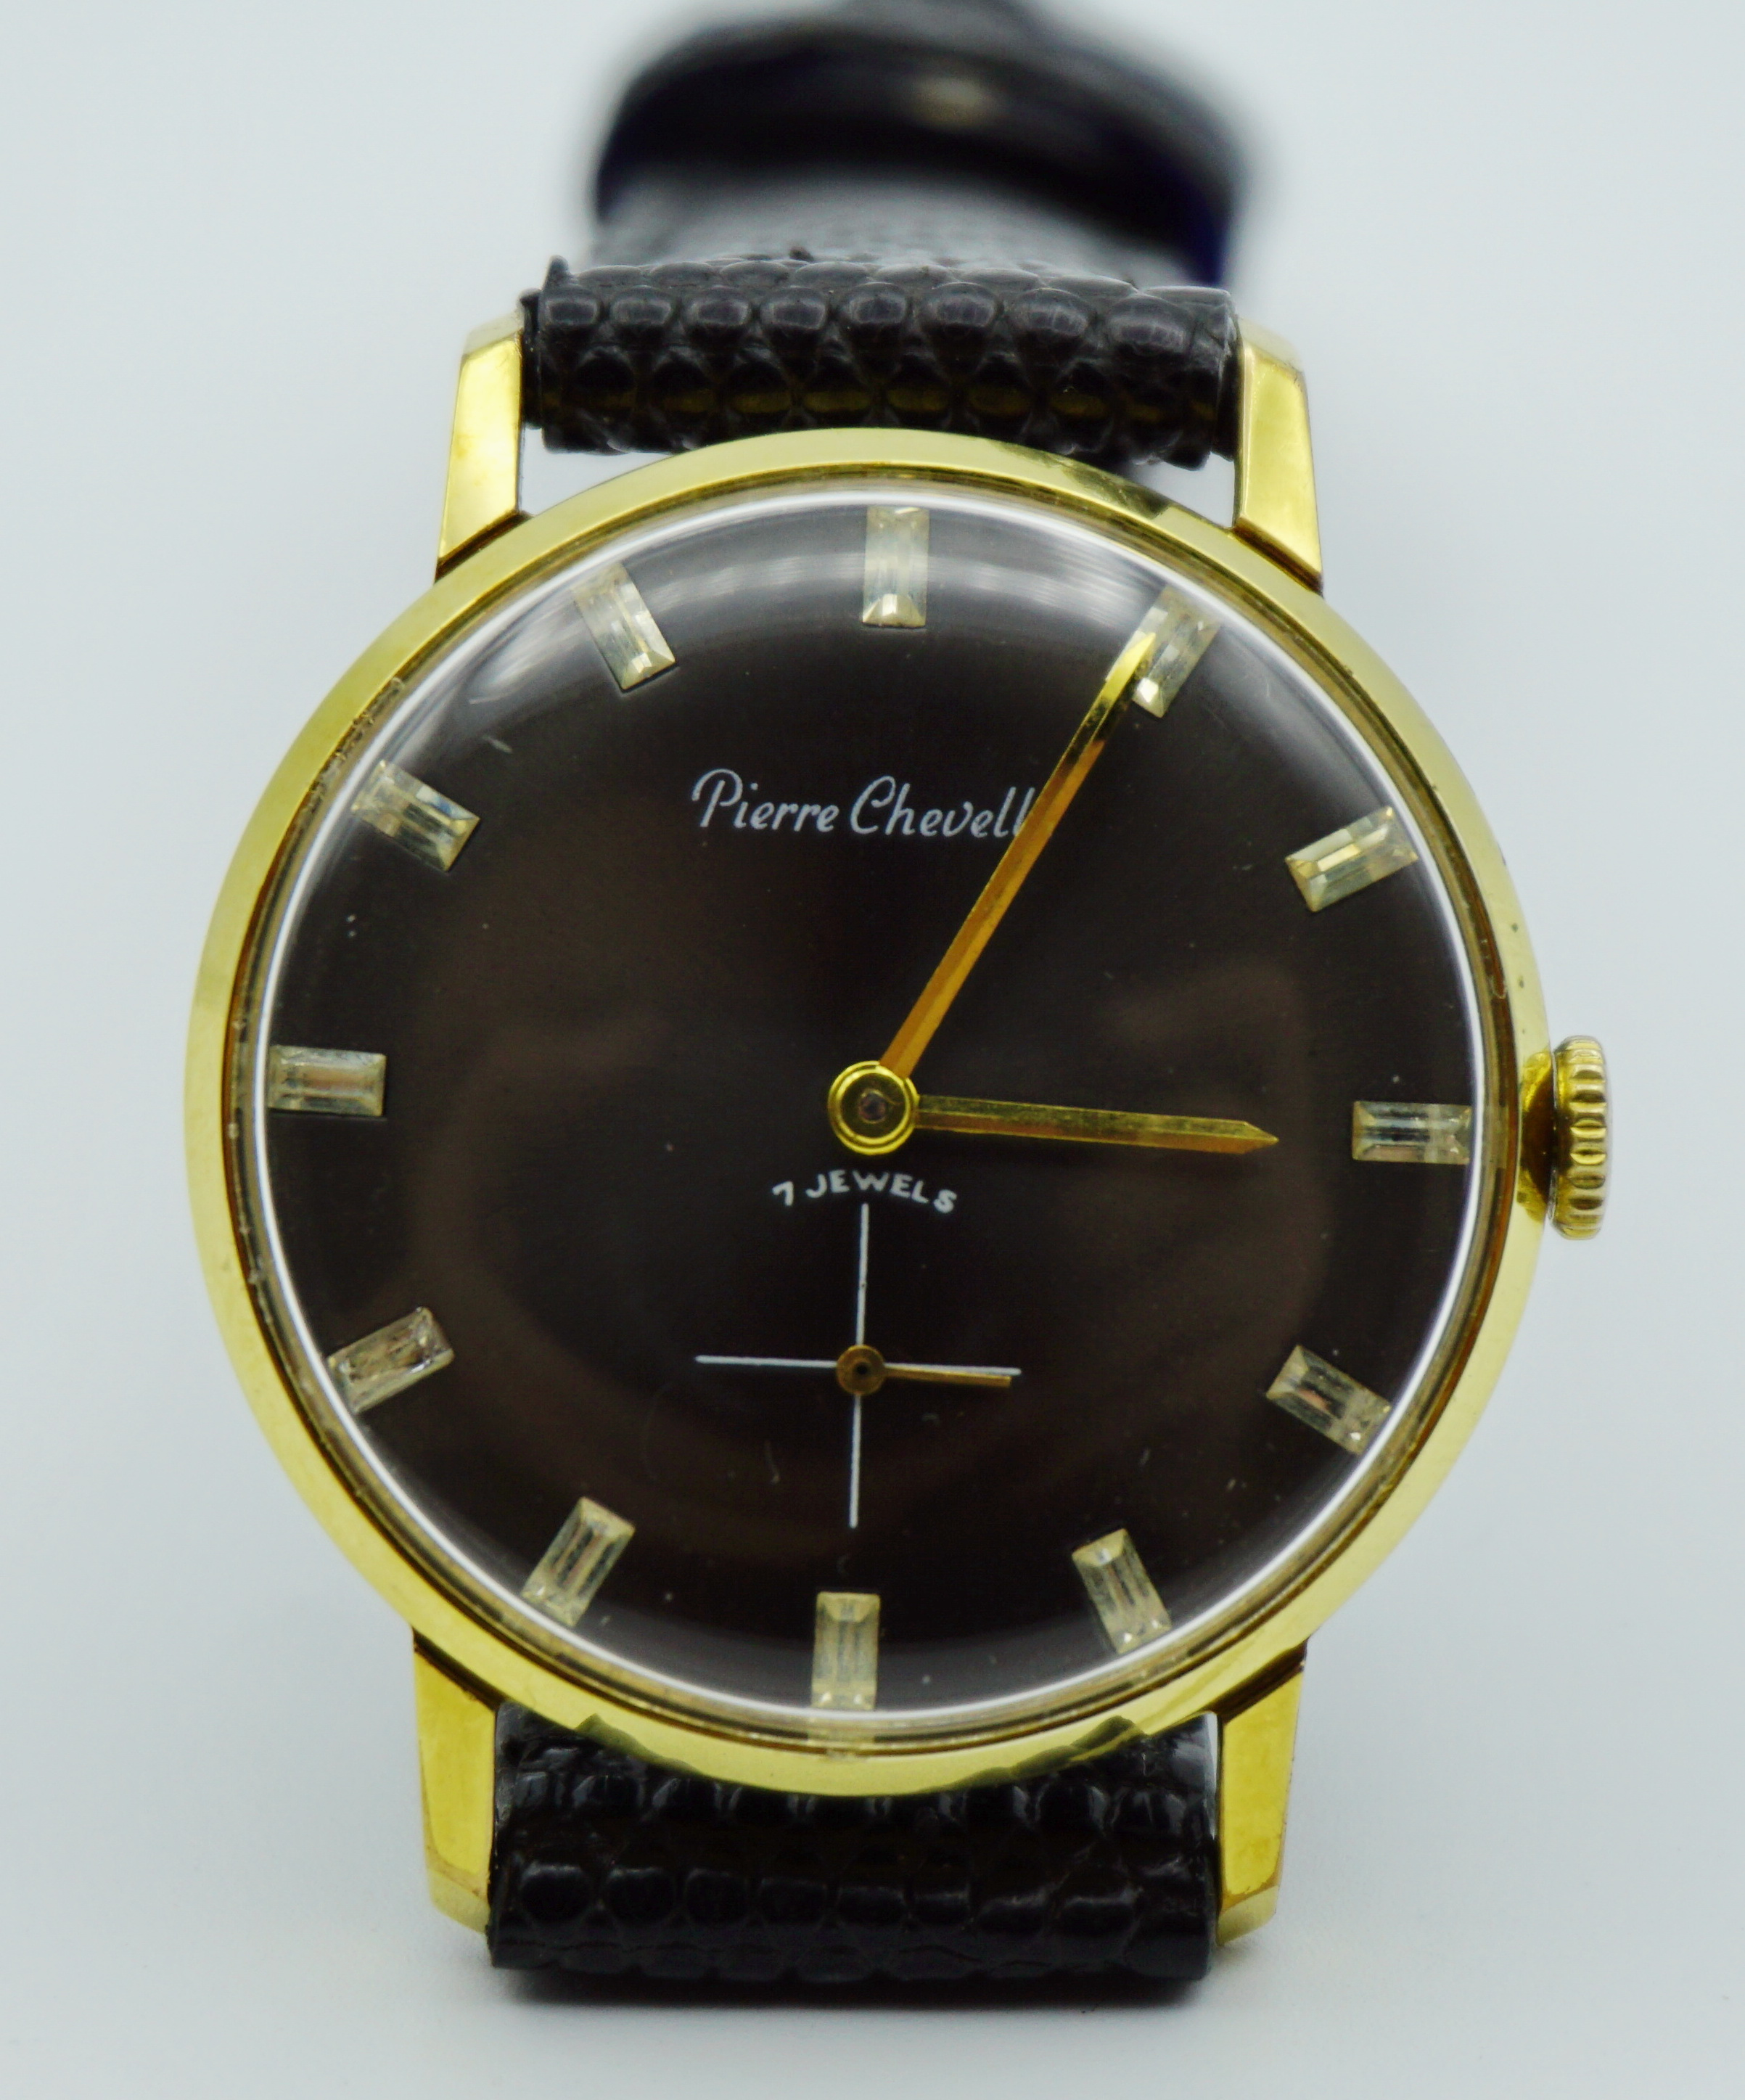 นาฬิกาเก่า PIERRE CHEVELLE ไขลานสองเข็มครึ่ง